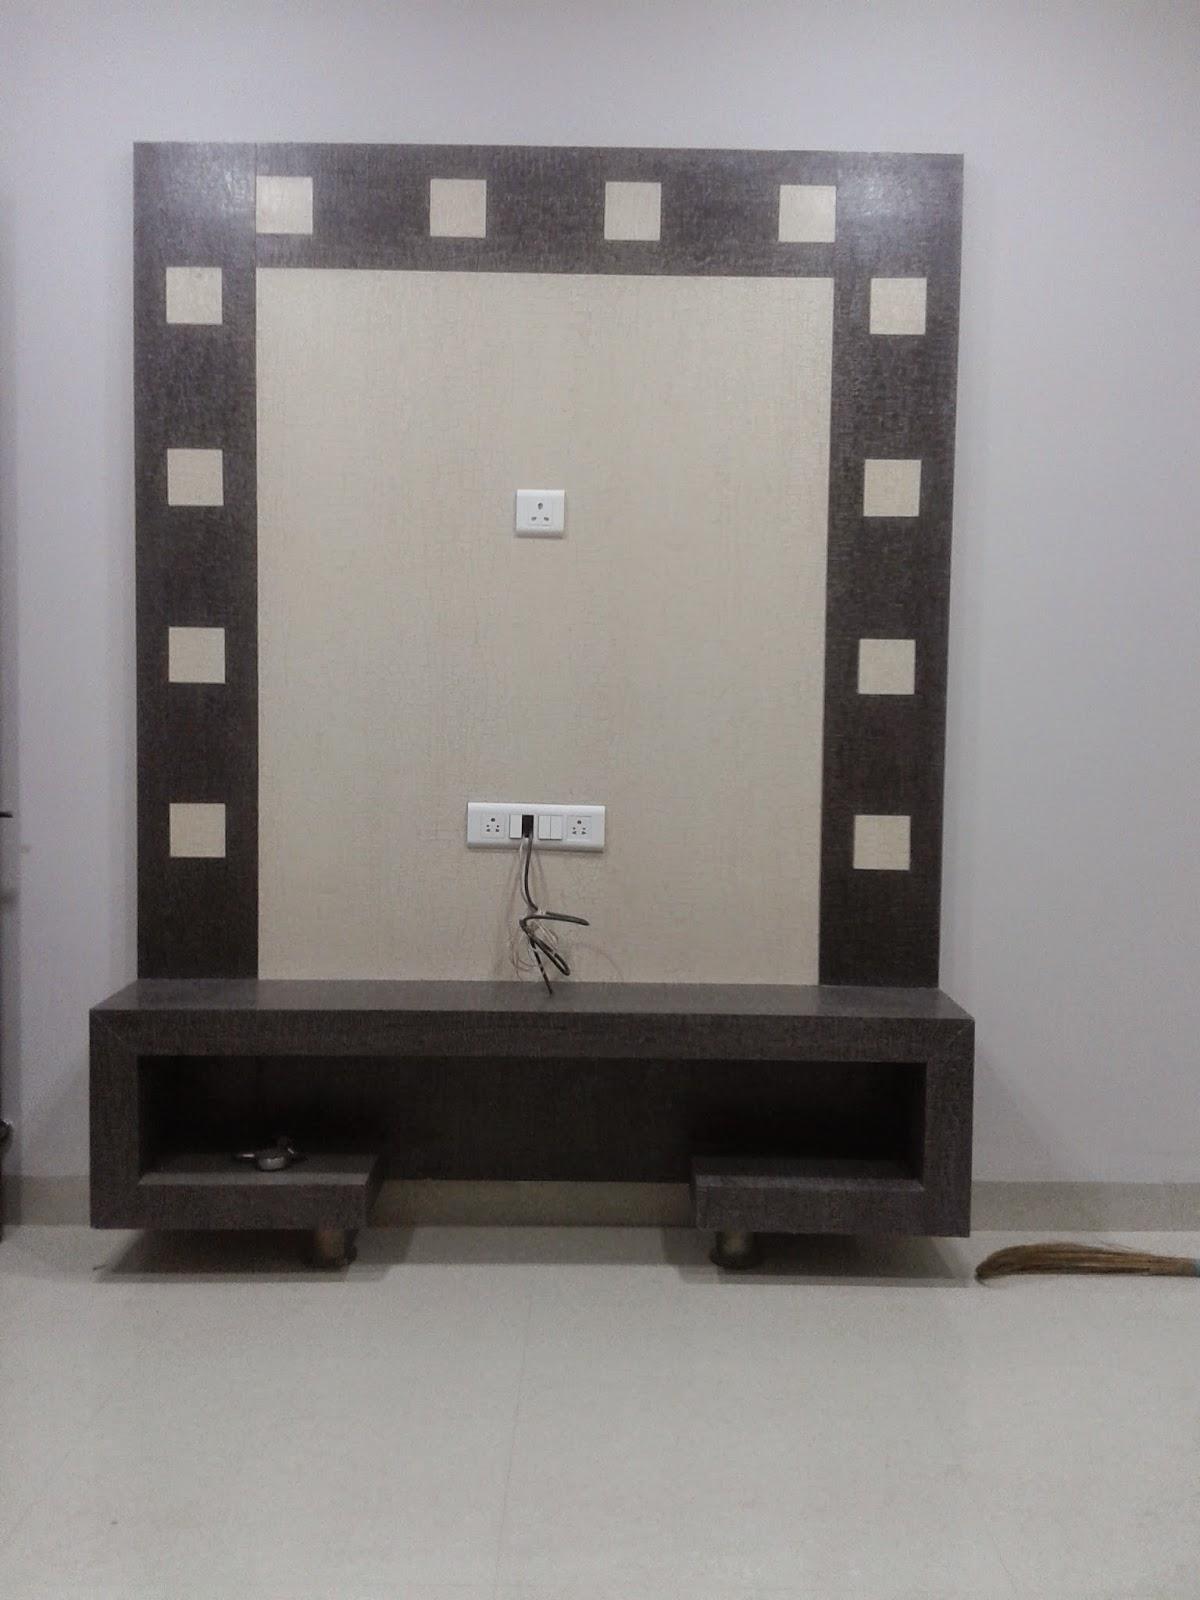 Furniture Design For Led Tv furniture designer: led tv furniture design